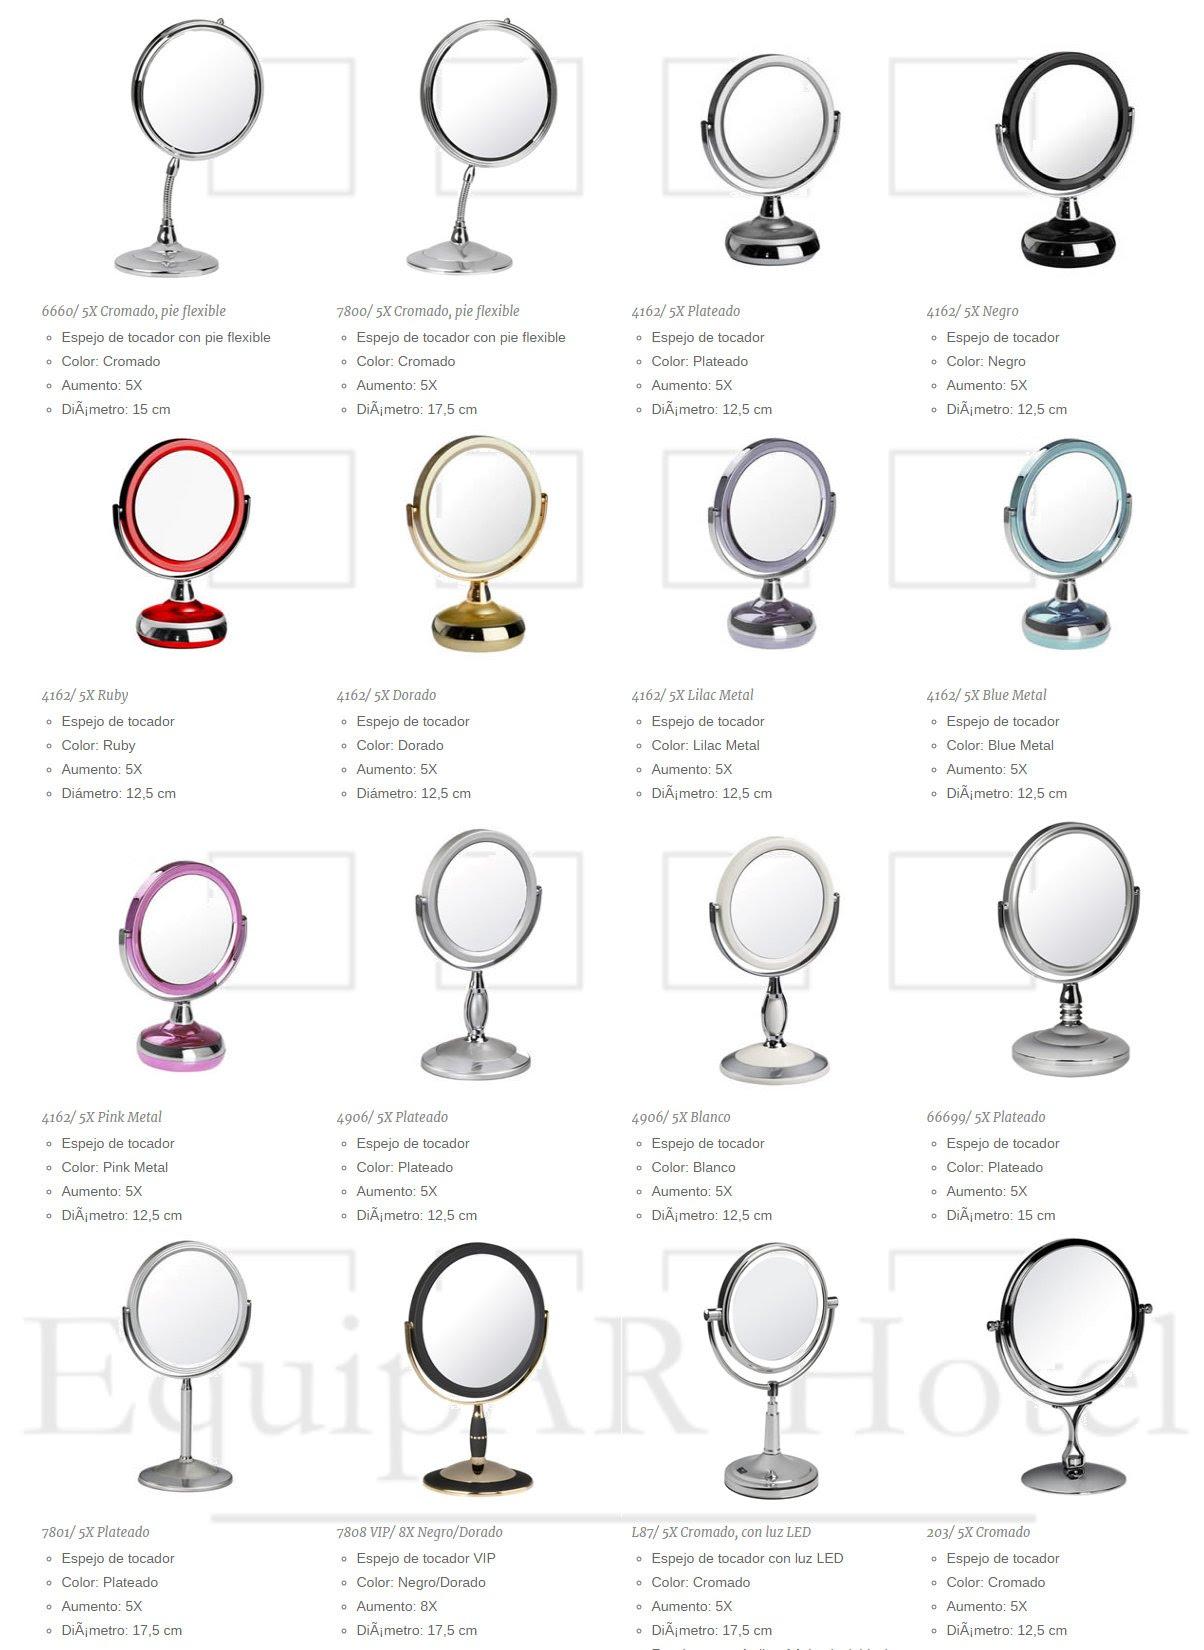 Espejos de tocador equipar hotel equipamiento para hoteles for Accesorios para espejos de bano